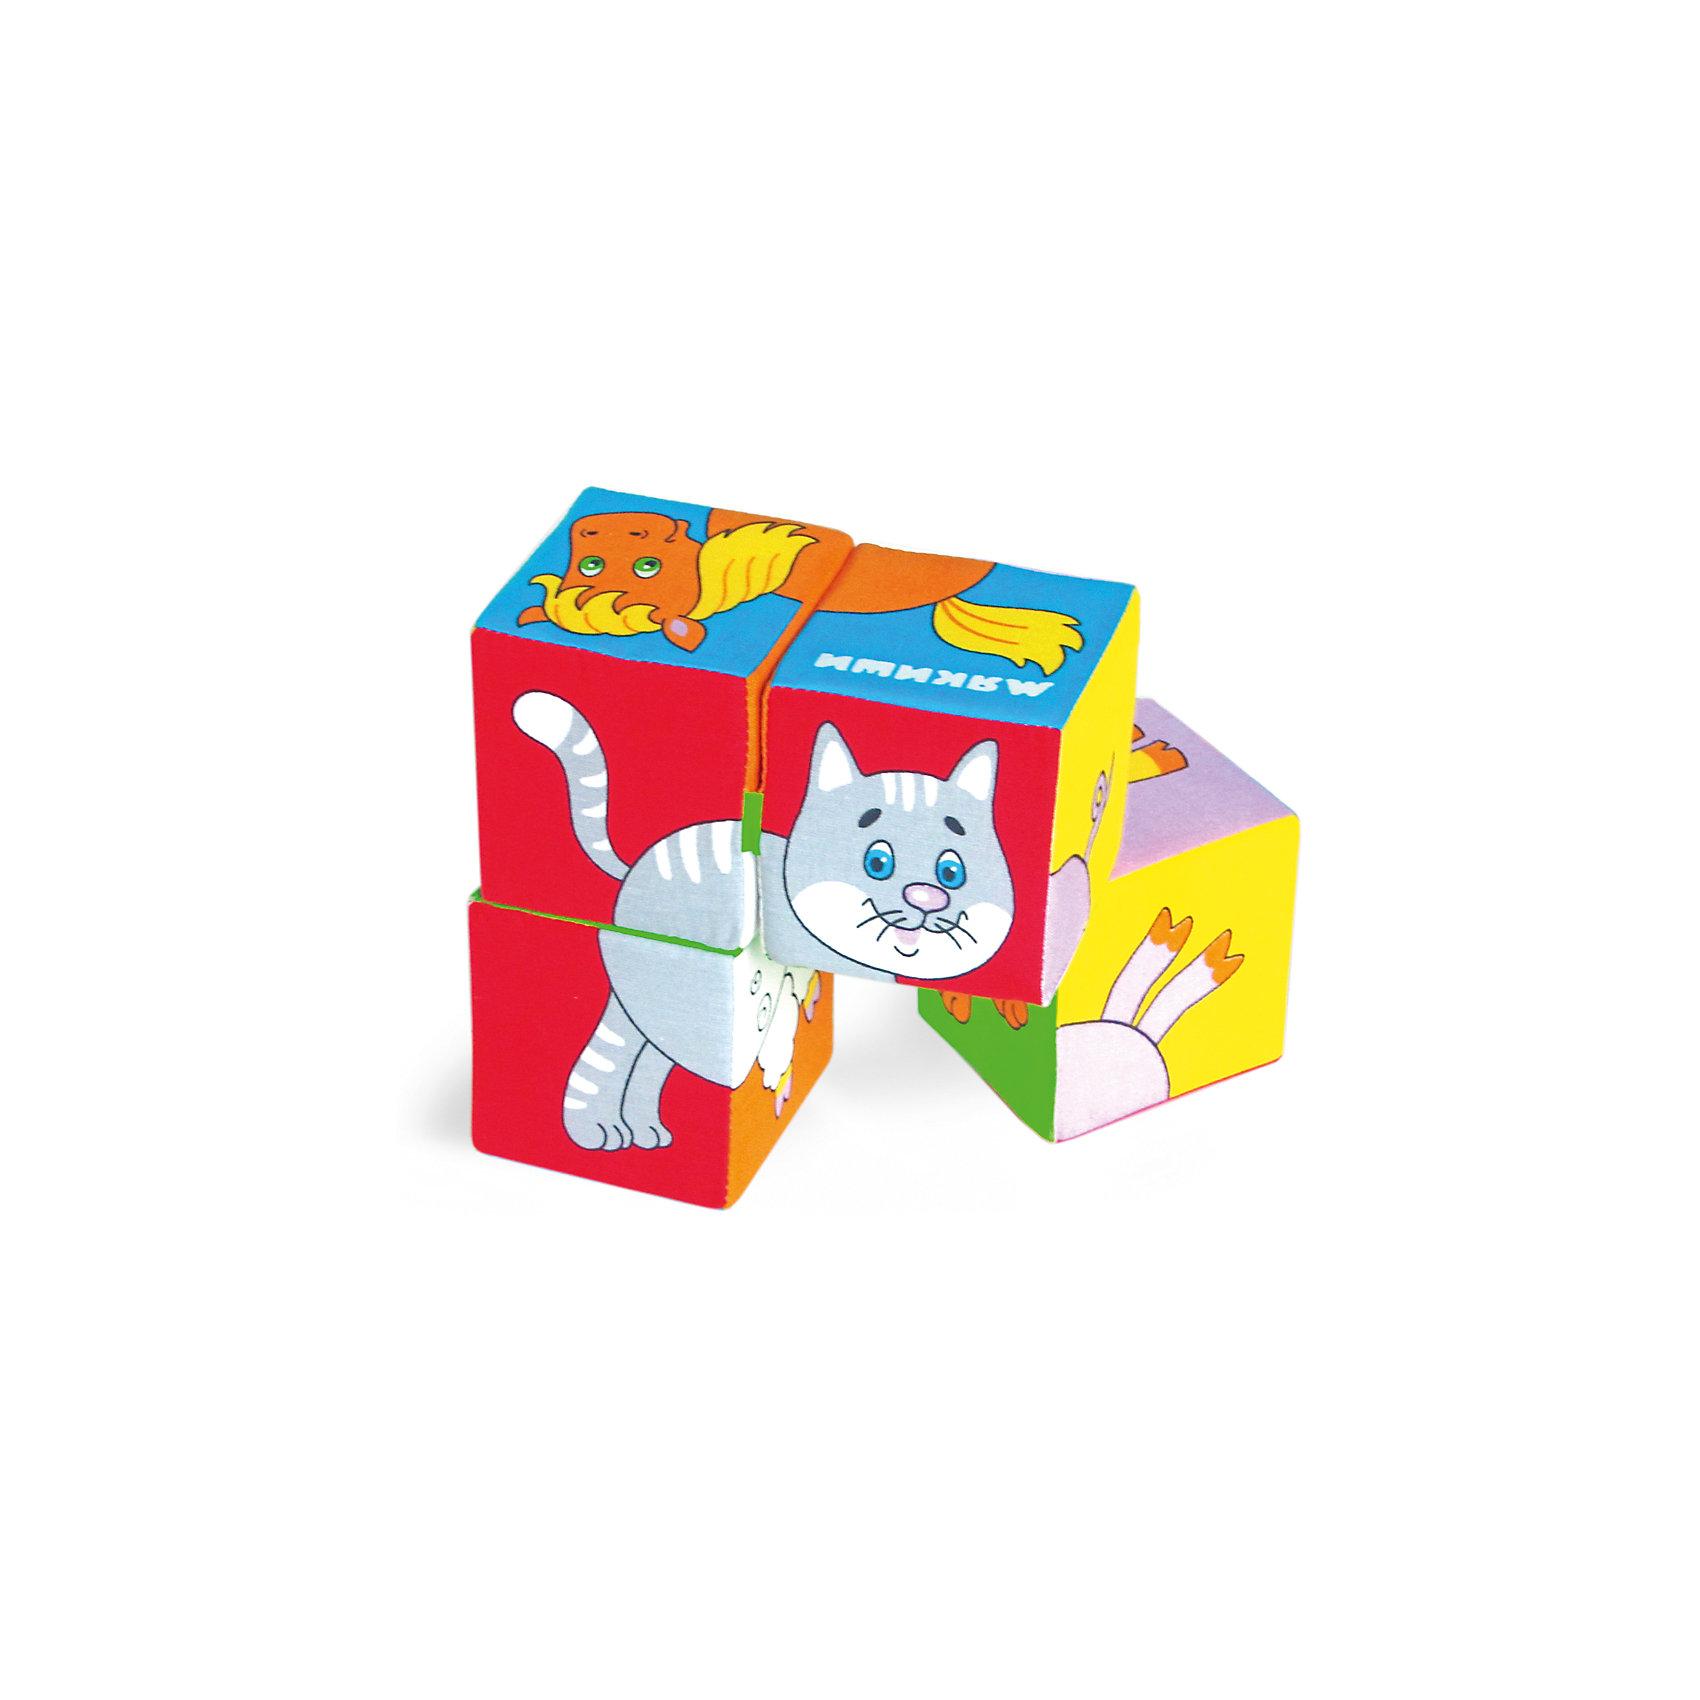 Кубики Собери картинку - домашние животные, МякишиИгрушки для малышей<br>Характеристики товара:<br><br>• материал: хлопок, поролон<br>• комплектация: 4 шт<br>• размер игрушки: 8 см<br>• можно собрать шесть животных<br>• развивающая игрушка<br>• упаковка: пакет<br>• страна бренда: РФ<br>• страна изготовитель: РФ<br><br>Малыши активно познают мир и тянутся к новой информации. Чтобы сделать процесс изучения окружающего пространства интереснее, ребенку можно подарить развивающие игрушки. В процессе игры информация усваивается намного лучше!<br>Такие кубики помогут занять малыша, играть ими приятно и весело. Одновременно они позволят познакомиться со многими цветами, фактурами, а также из них можно собрать шесть животных. Такие игрушки развивают тактильные ощущения, моторику, цветовосприятие, логику, воображение, учат фокусировать внимание. Каждое изделие абсолютно безопасно – оно создано из качественной ткани с мягким наполнителем. Игрушки производятся из качественных и проверенных материалов, которые безопасны для детей.<br><br>Кубики Собери картинку - домашние животные от бренда Мякиши можно купить в нашем интернет-магазине.<br><br>Ширина мм: 160<br>Глубина мм: 80<br>Высота мм: 160<br>Вес г: 80<br>Возраст от месяцев: 12<br>Возраст до месяцев: 36<br>Пол: Унисекс<br>Возраст: Детский<br>SKU: 5183188